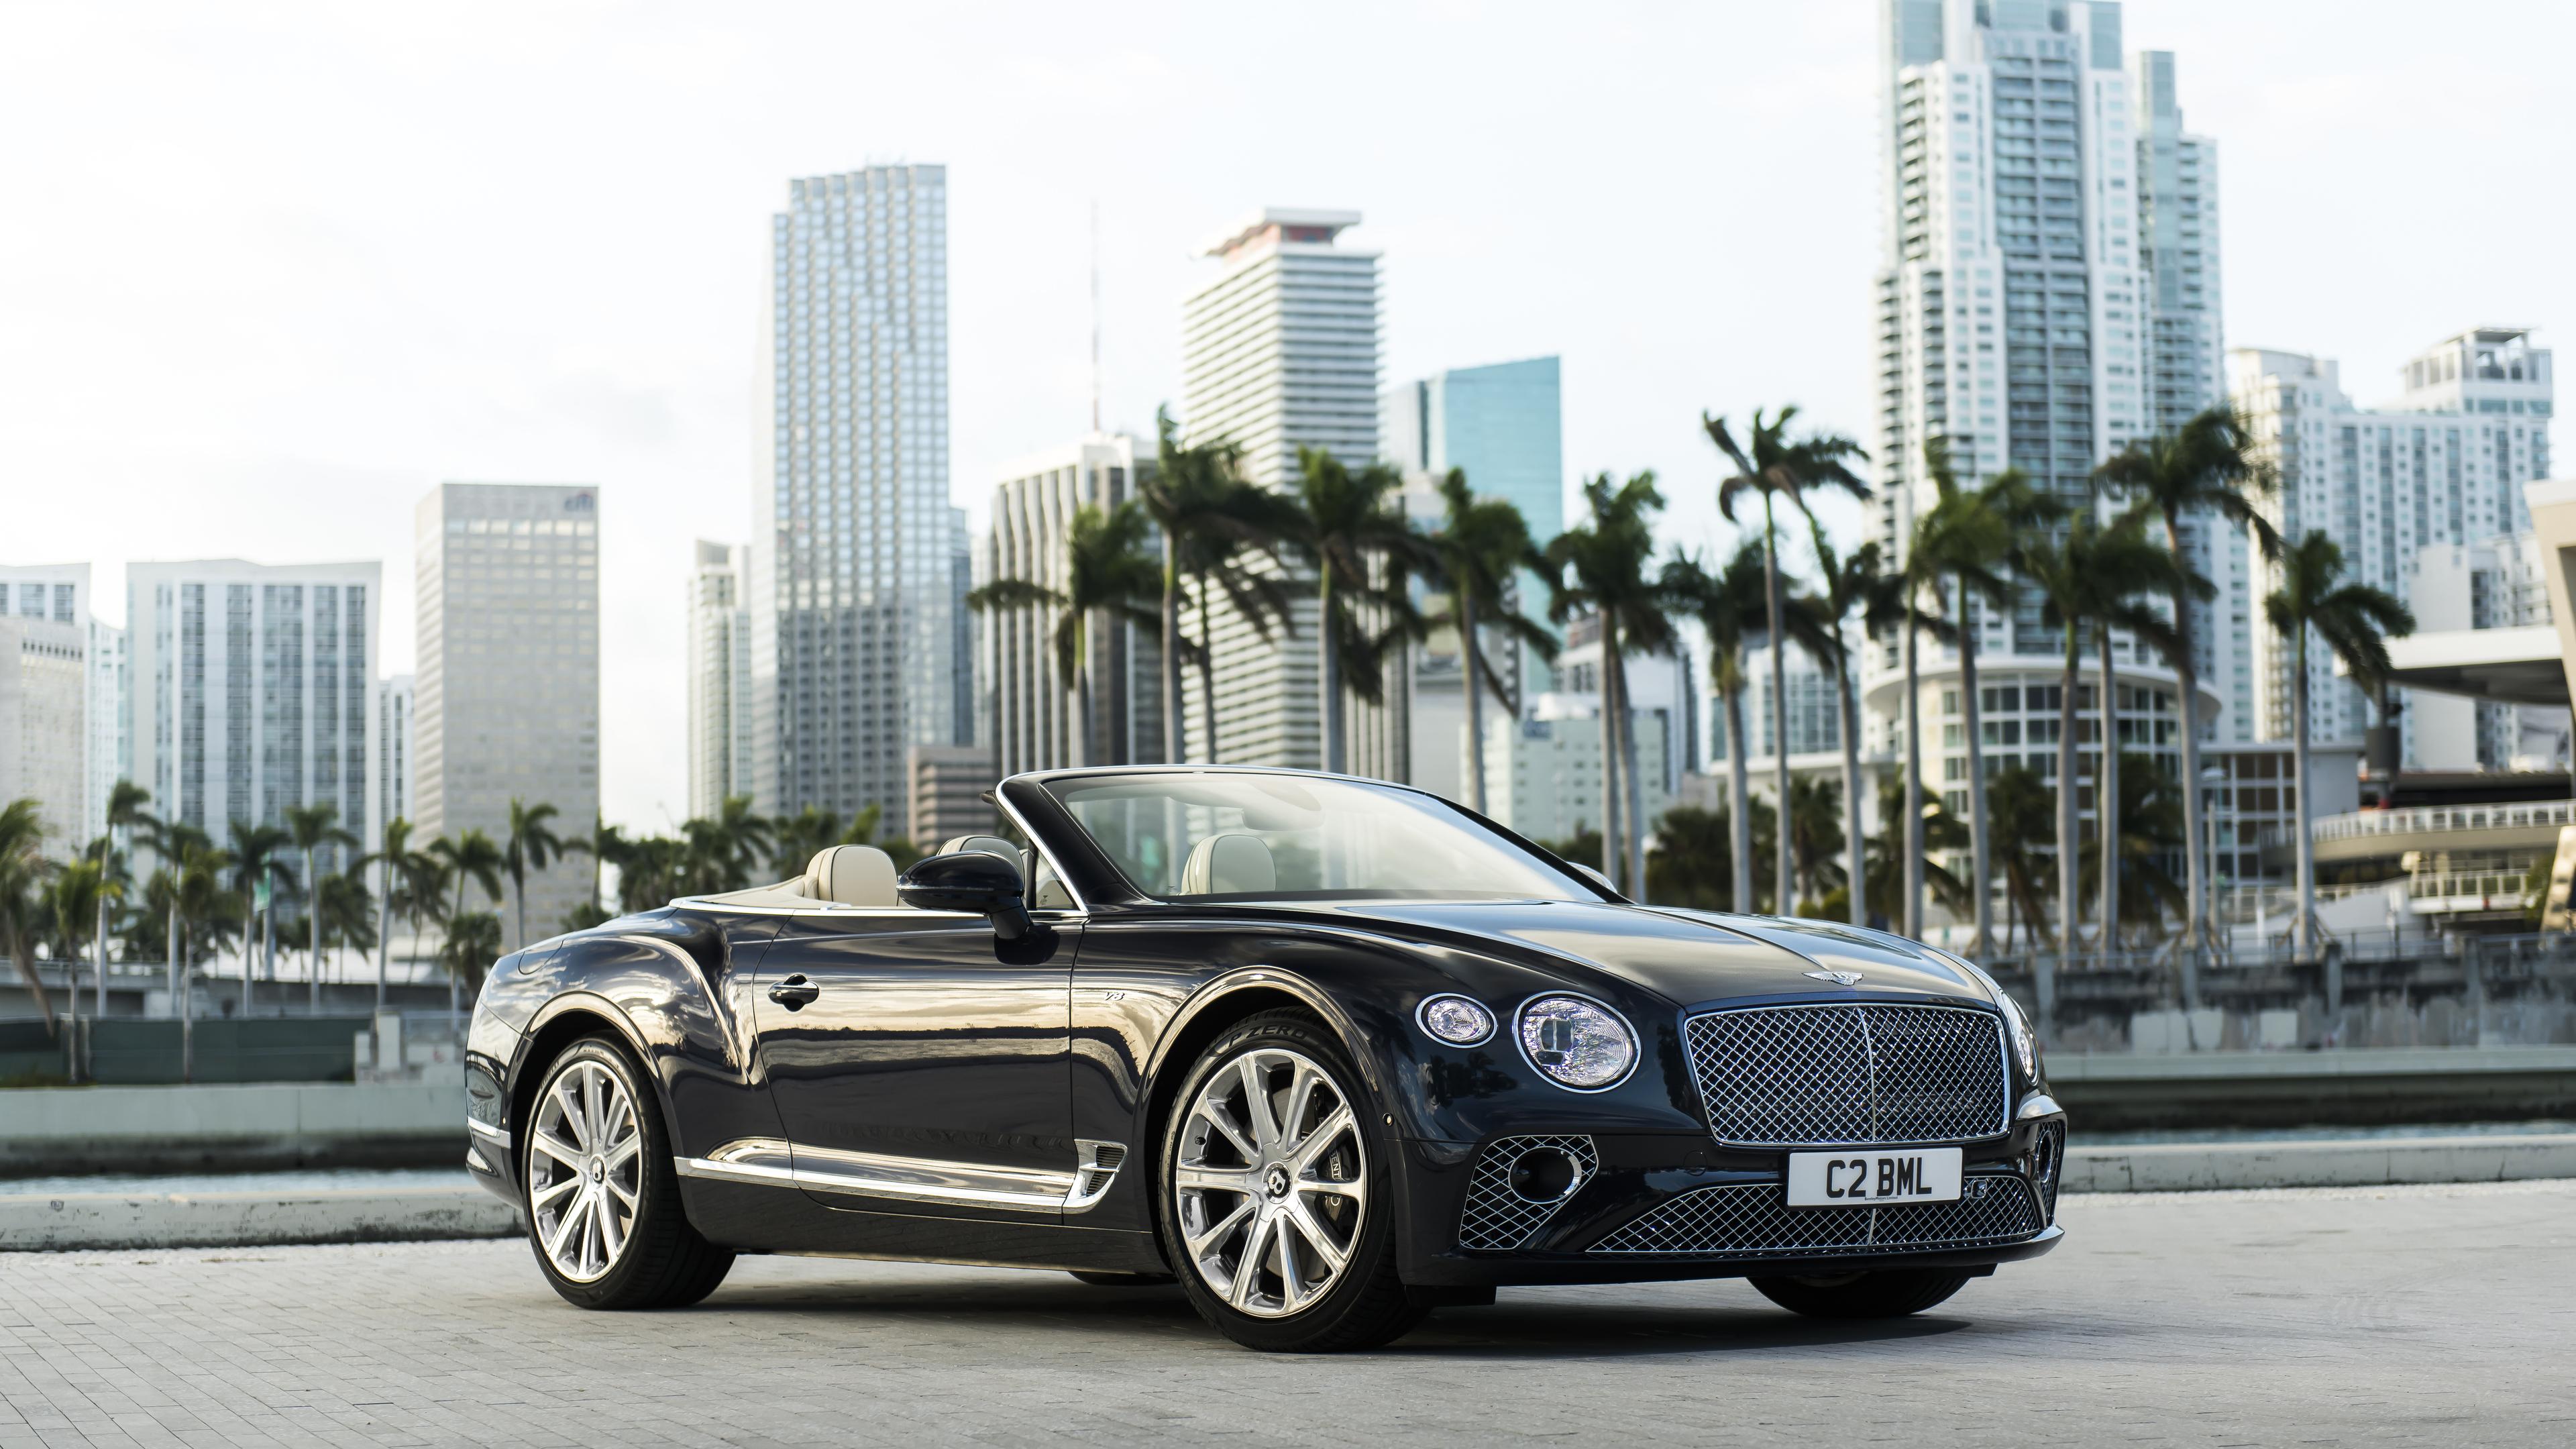 2019 bentley continental gt convertible v8 4k 1554245128 - 2019 Bentley Continental GT Convertible V8 4k - hd-wallpapers, cars wallpapers, bentley wallpapers, bentley continental gt wallpapers, 8k wallpapers, 5k wallpapers, 4k-wallpapers, 2019 cars wallpapers